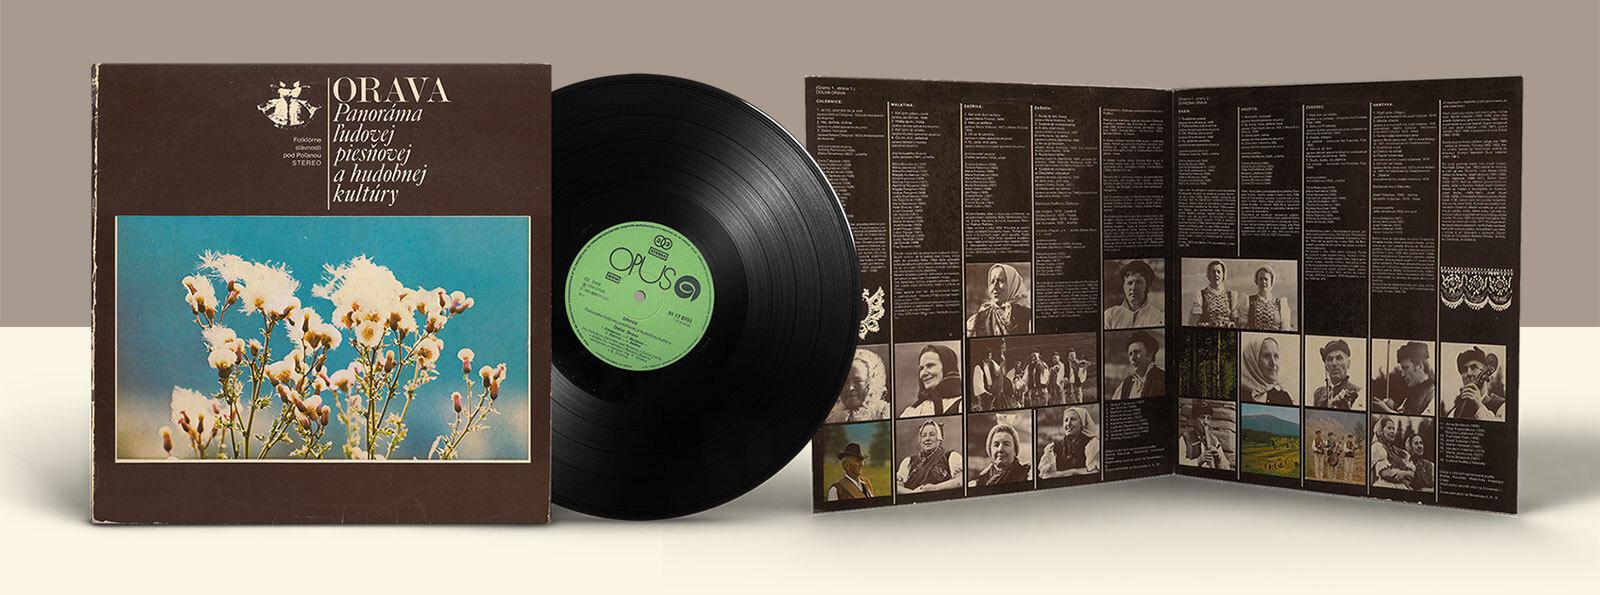 ORAVA – Panoráma lidové písňové a hudební kultury (původní vydání)